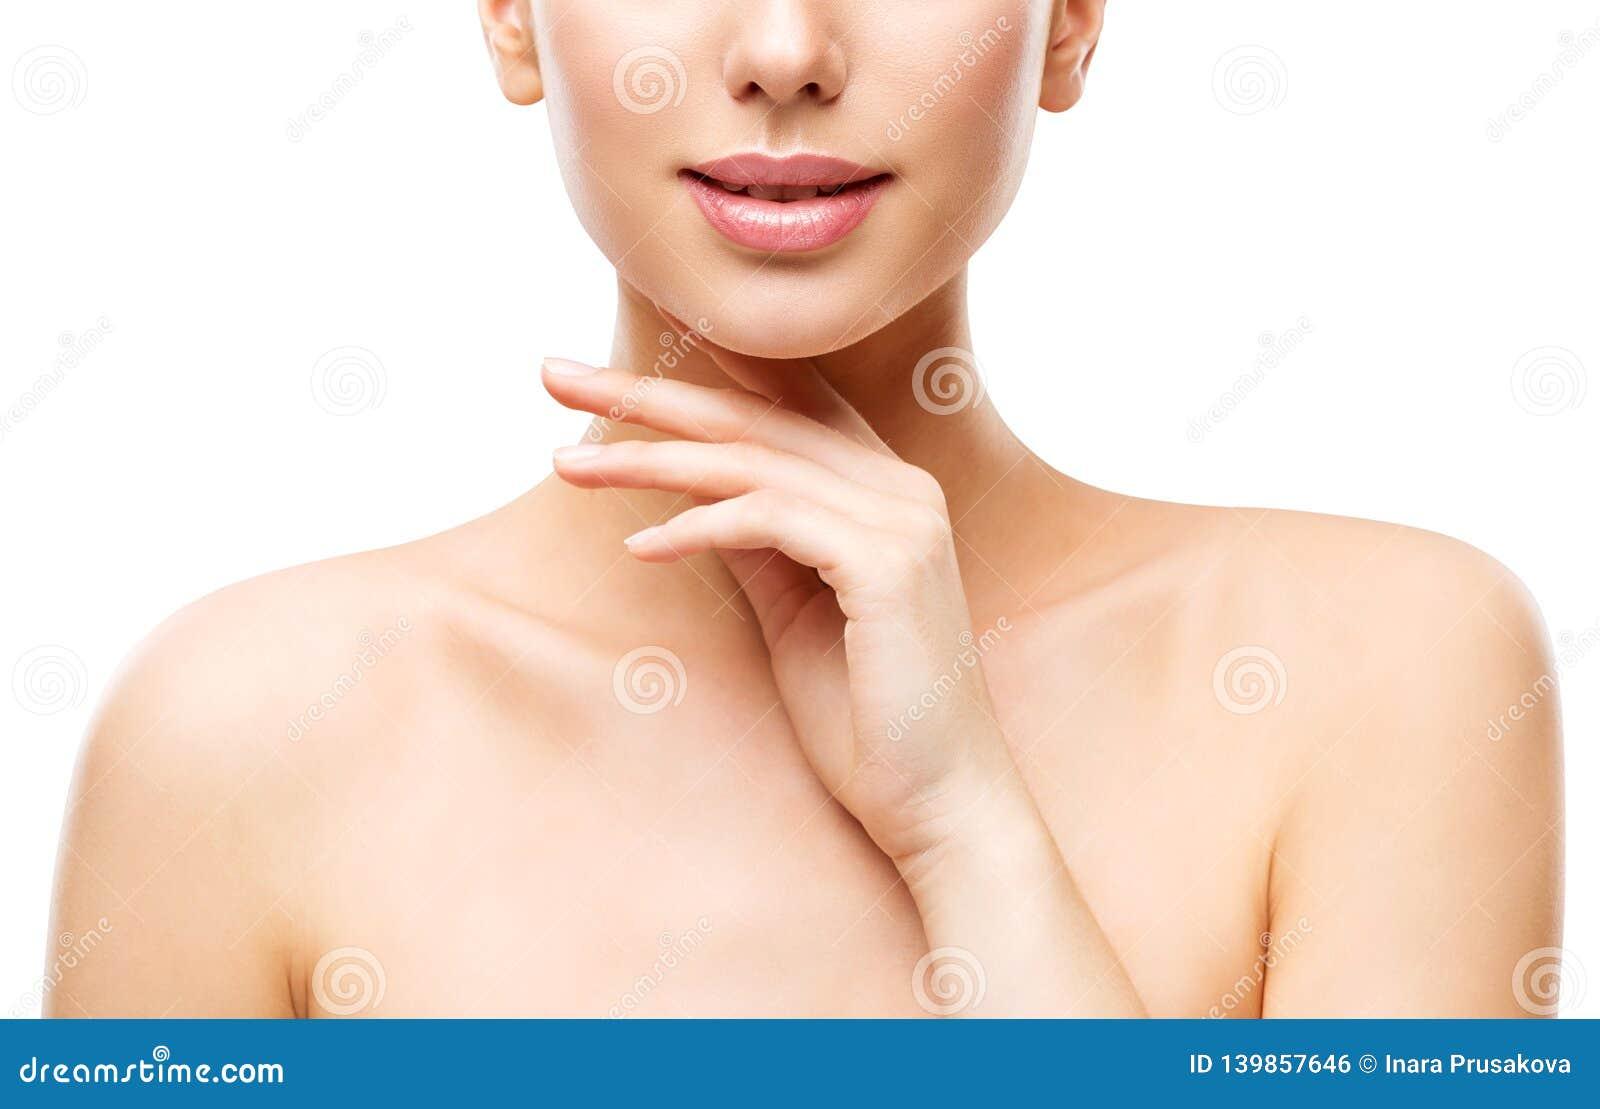 Schönheits-natürliche Hautpflege, Frau, die eigenhändig Gesicht, junges Mädchen auf Weiß berührt